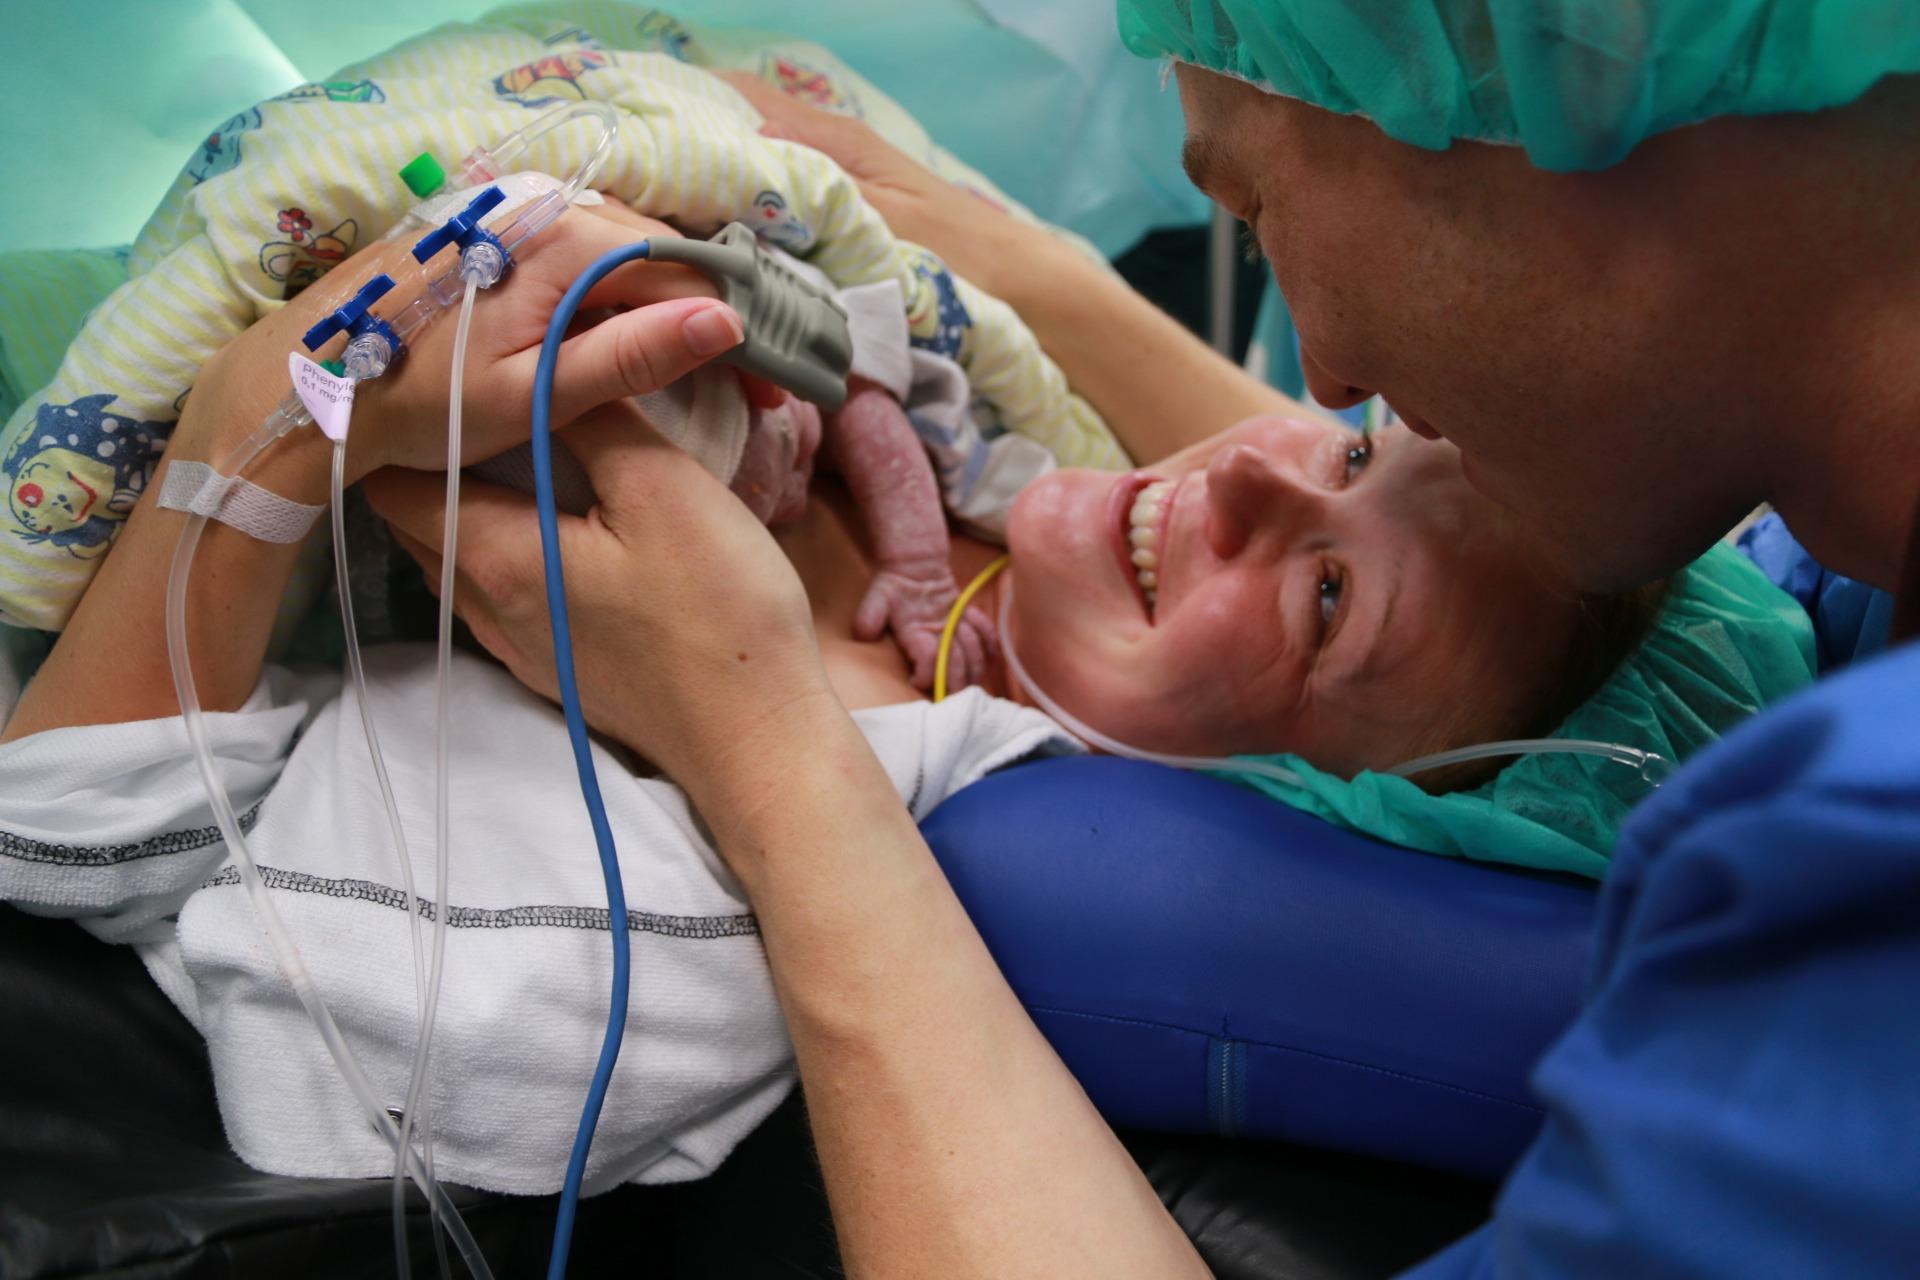 Cecilies med mand og baby efter kejsersnit